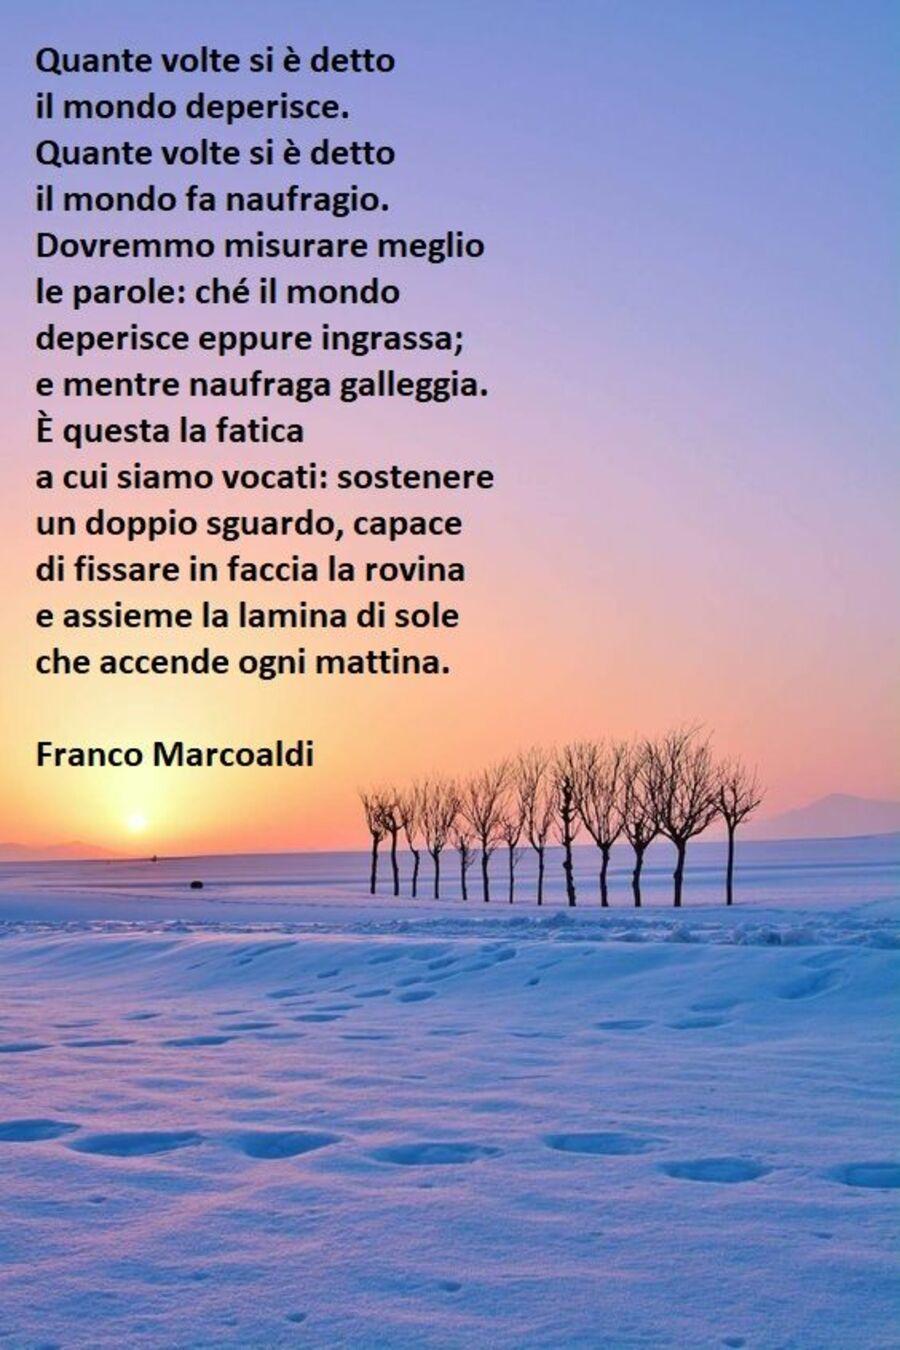 poesie-016